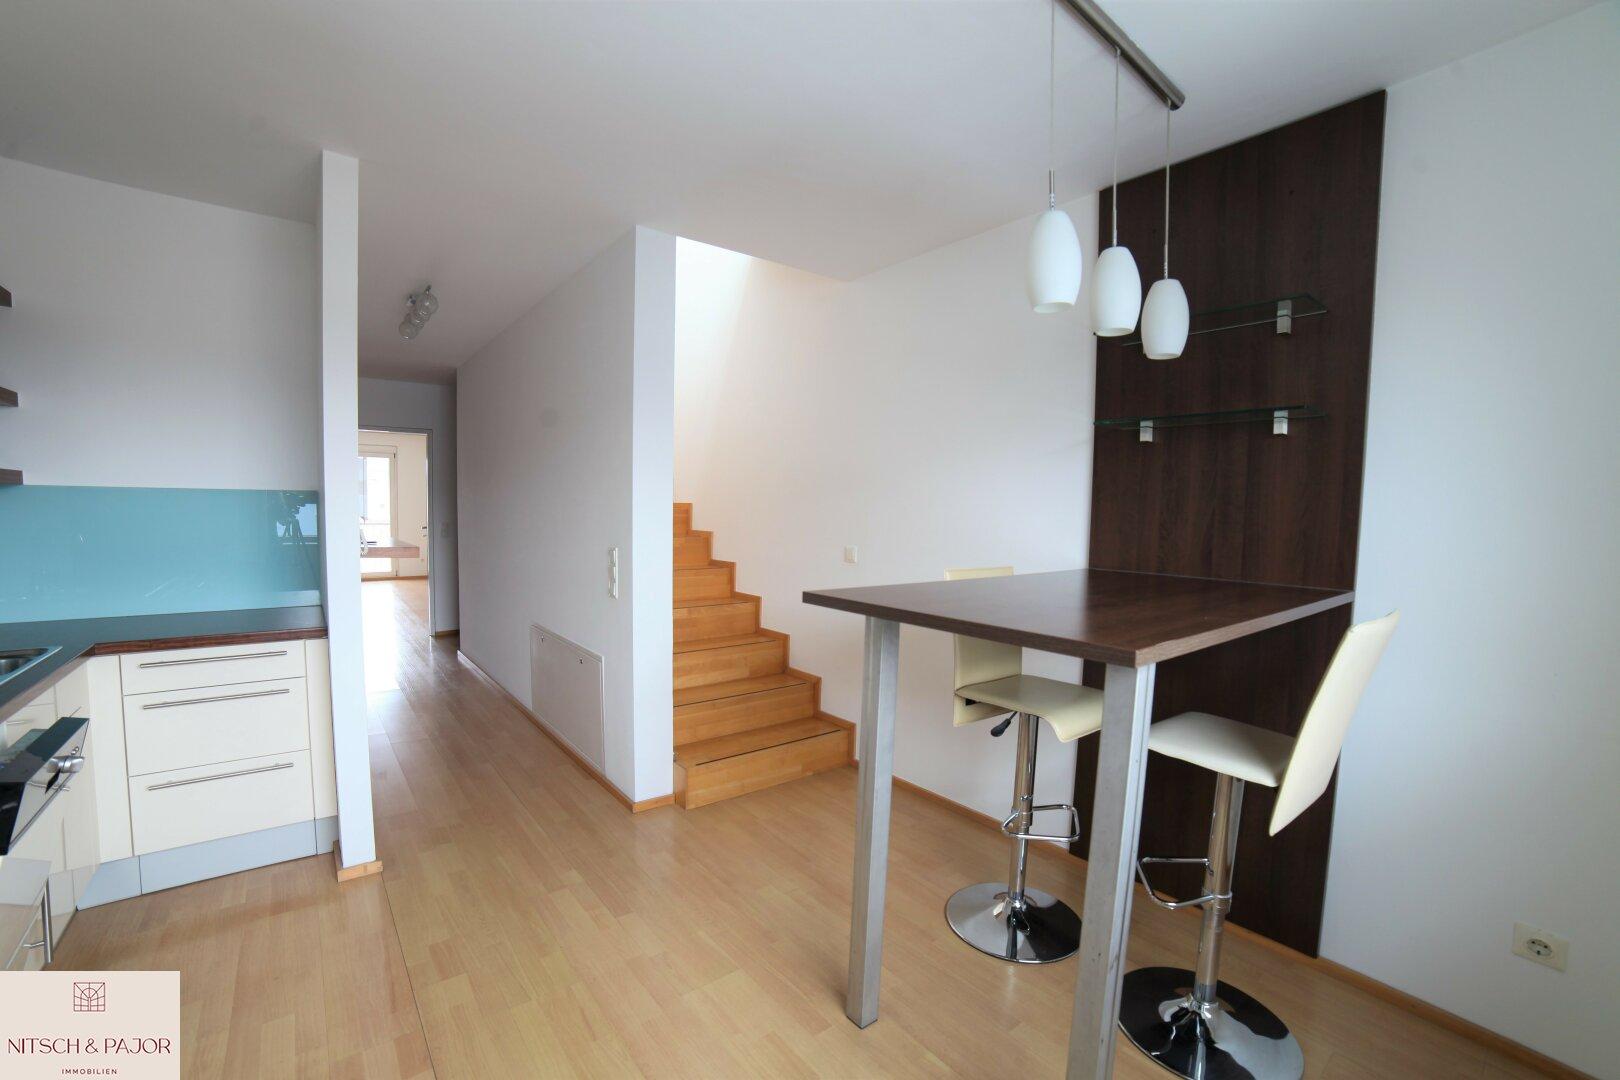 Küche mit Sitzplatz und Aufgang zum Wohnzimmer